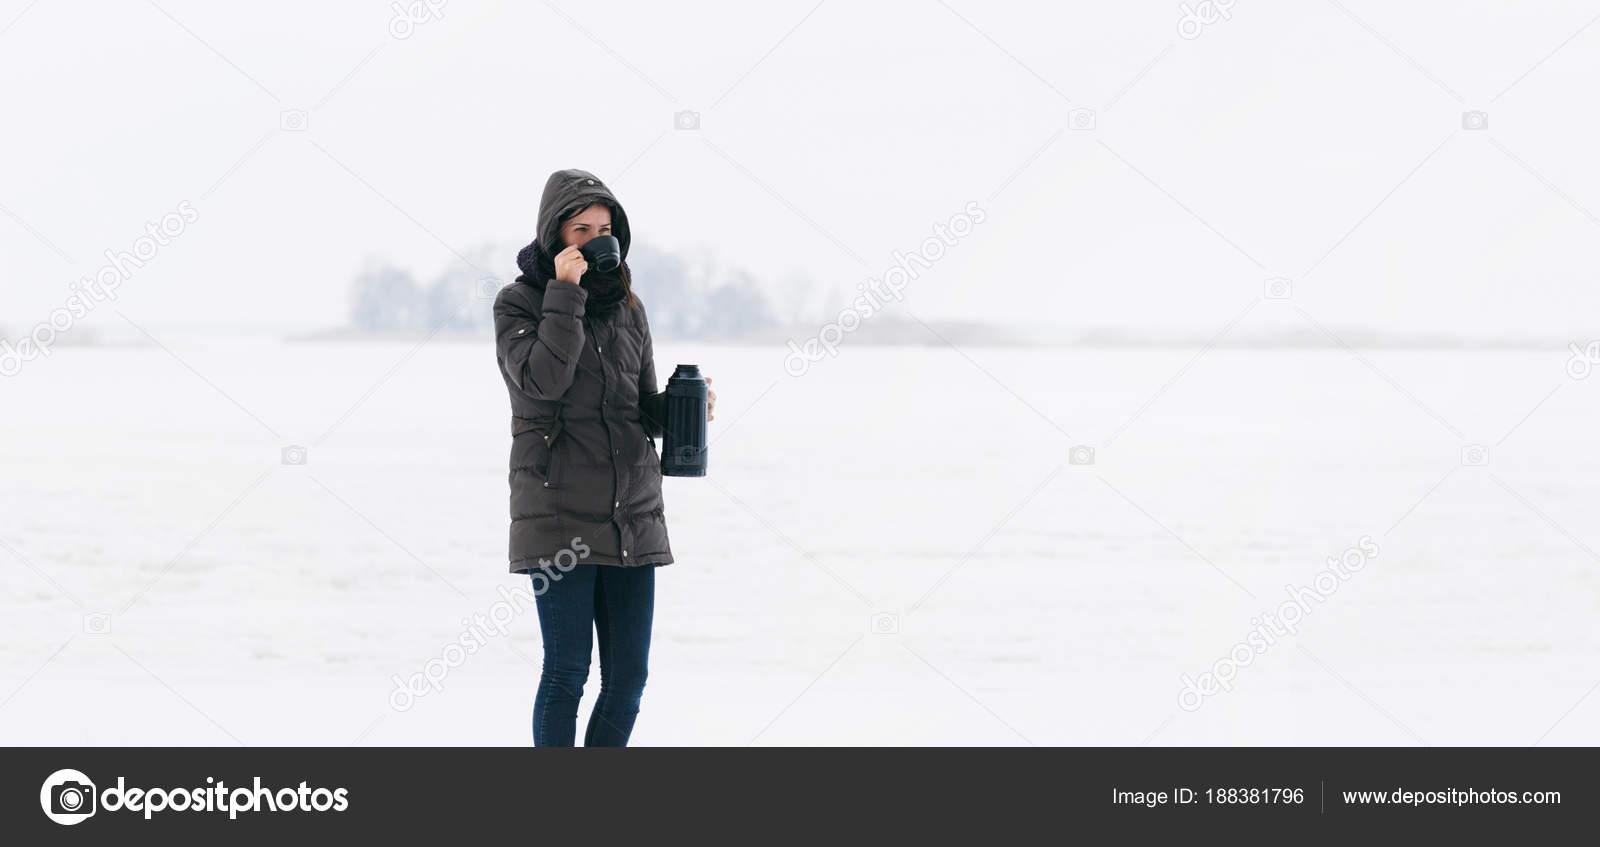 Γυναίκα το χειμώνα ρούχα στέκεται στο χιόνι και να πίνει καφέ από το  θερμός– εικόνα αρχείου 67720fd93a5